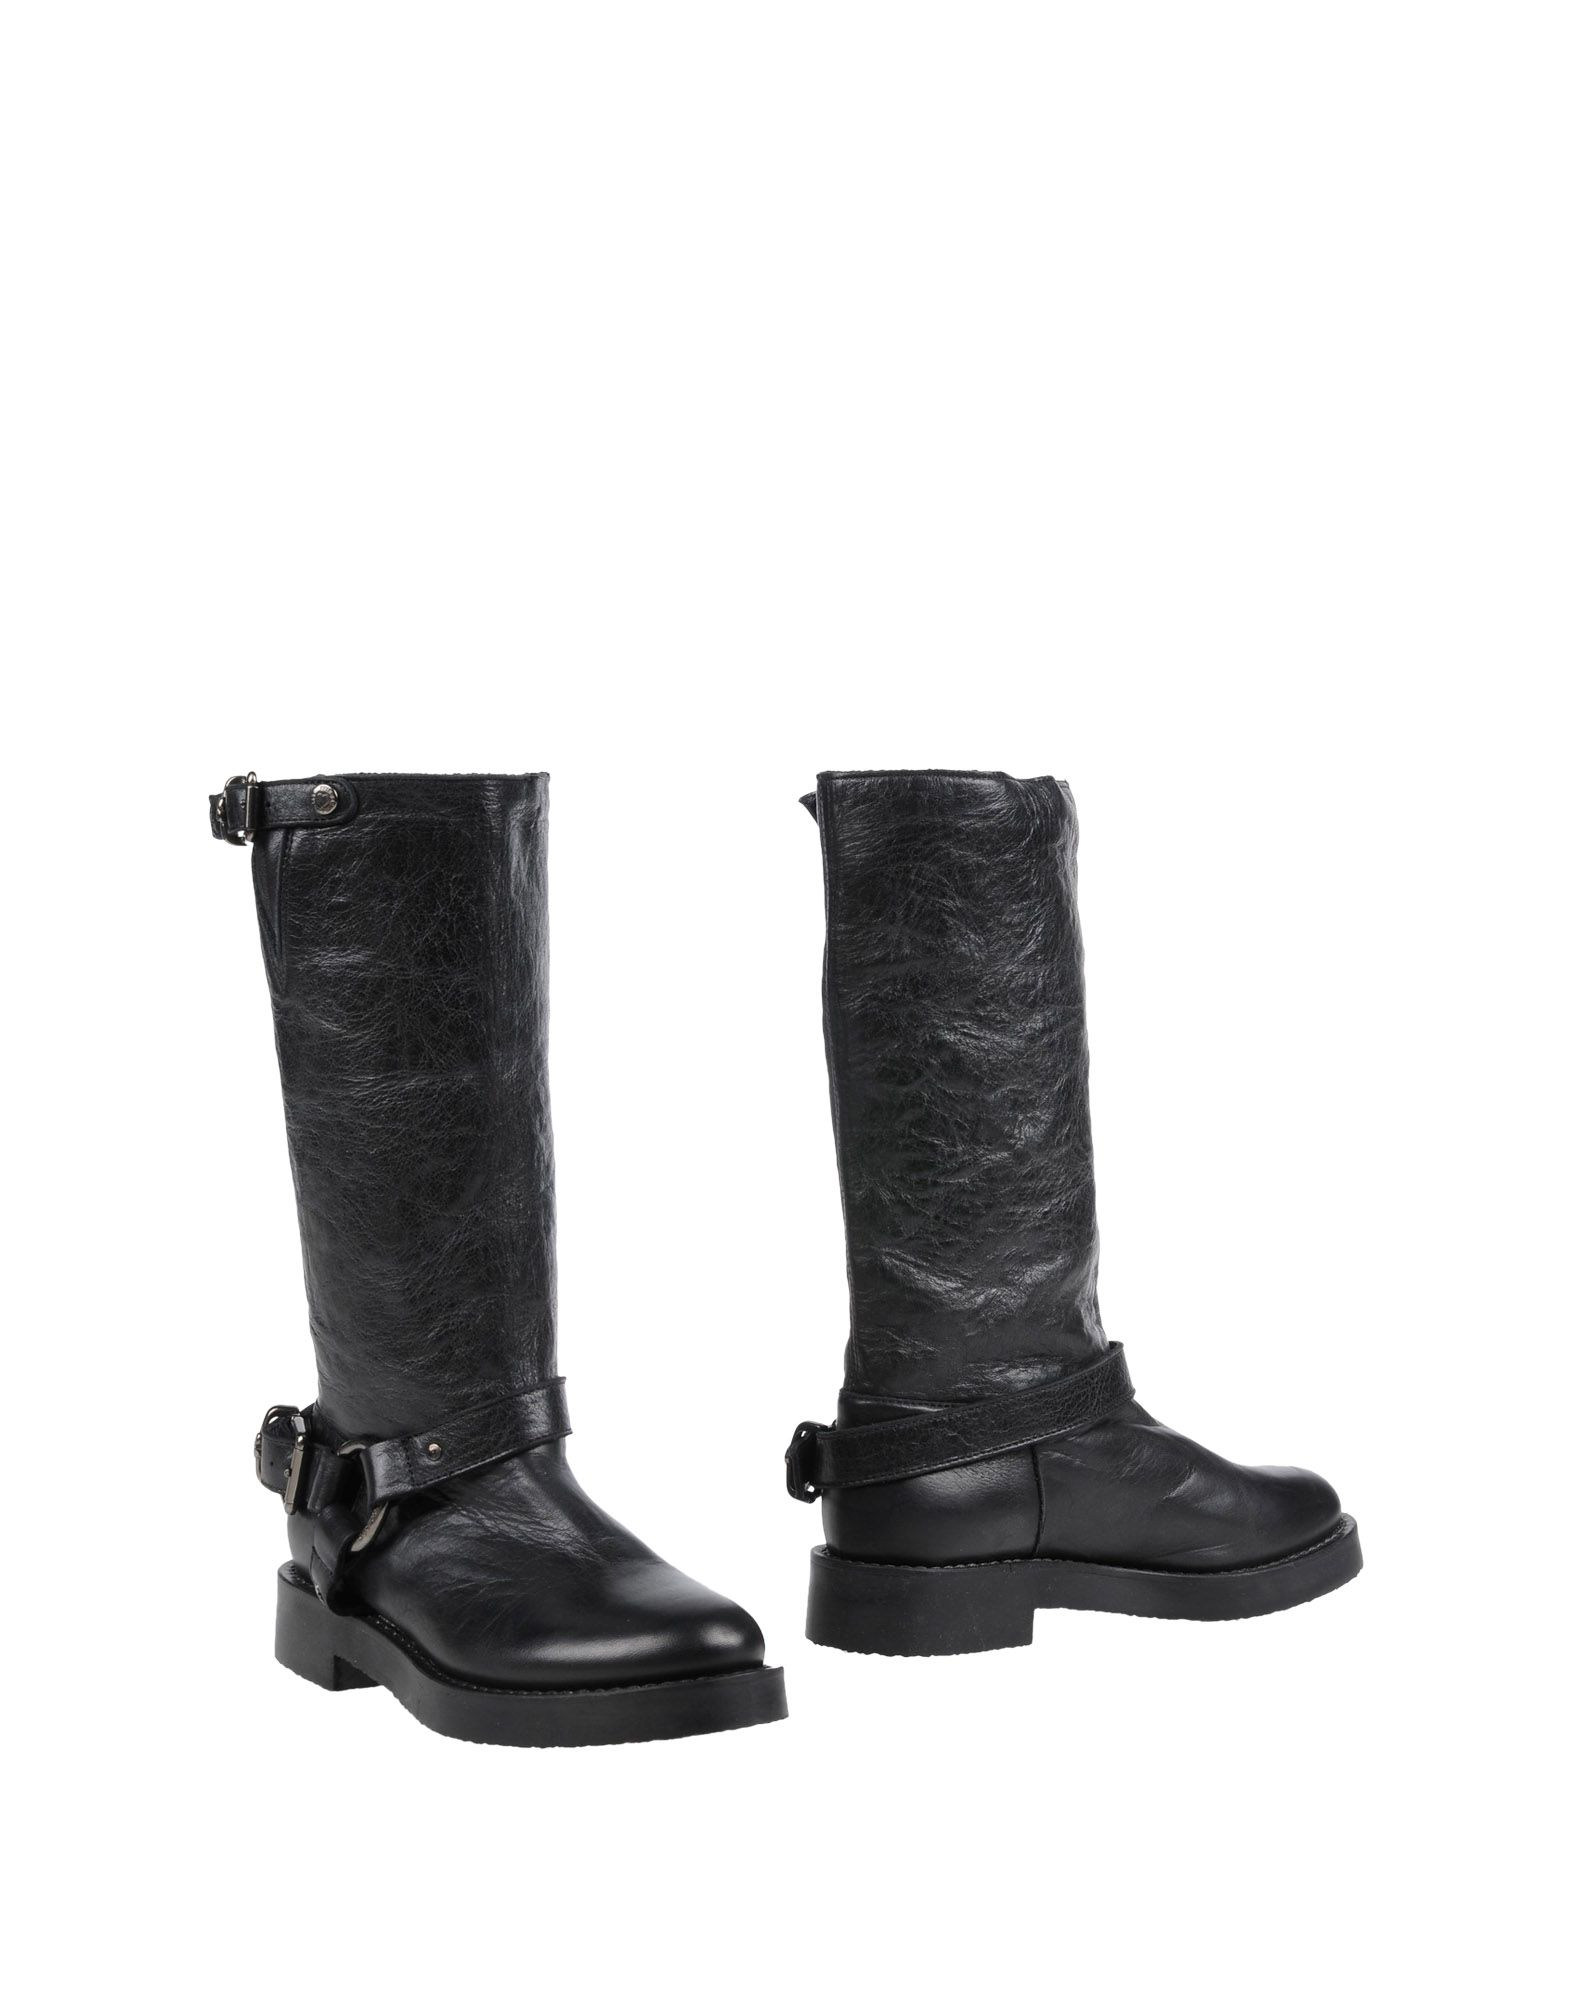 Haltbare Mode Beliebte billige Schuhe Twin 11449148JA Beliebte Mode Schuhe d19e56